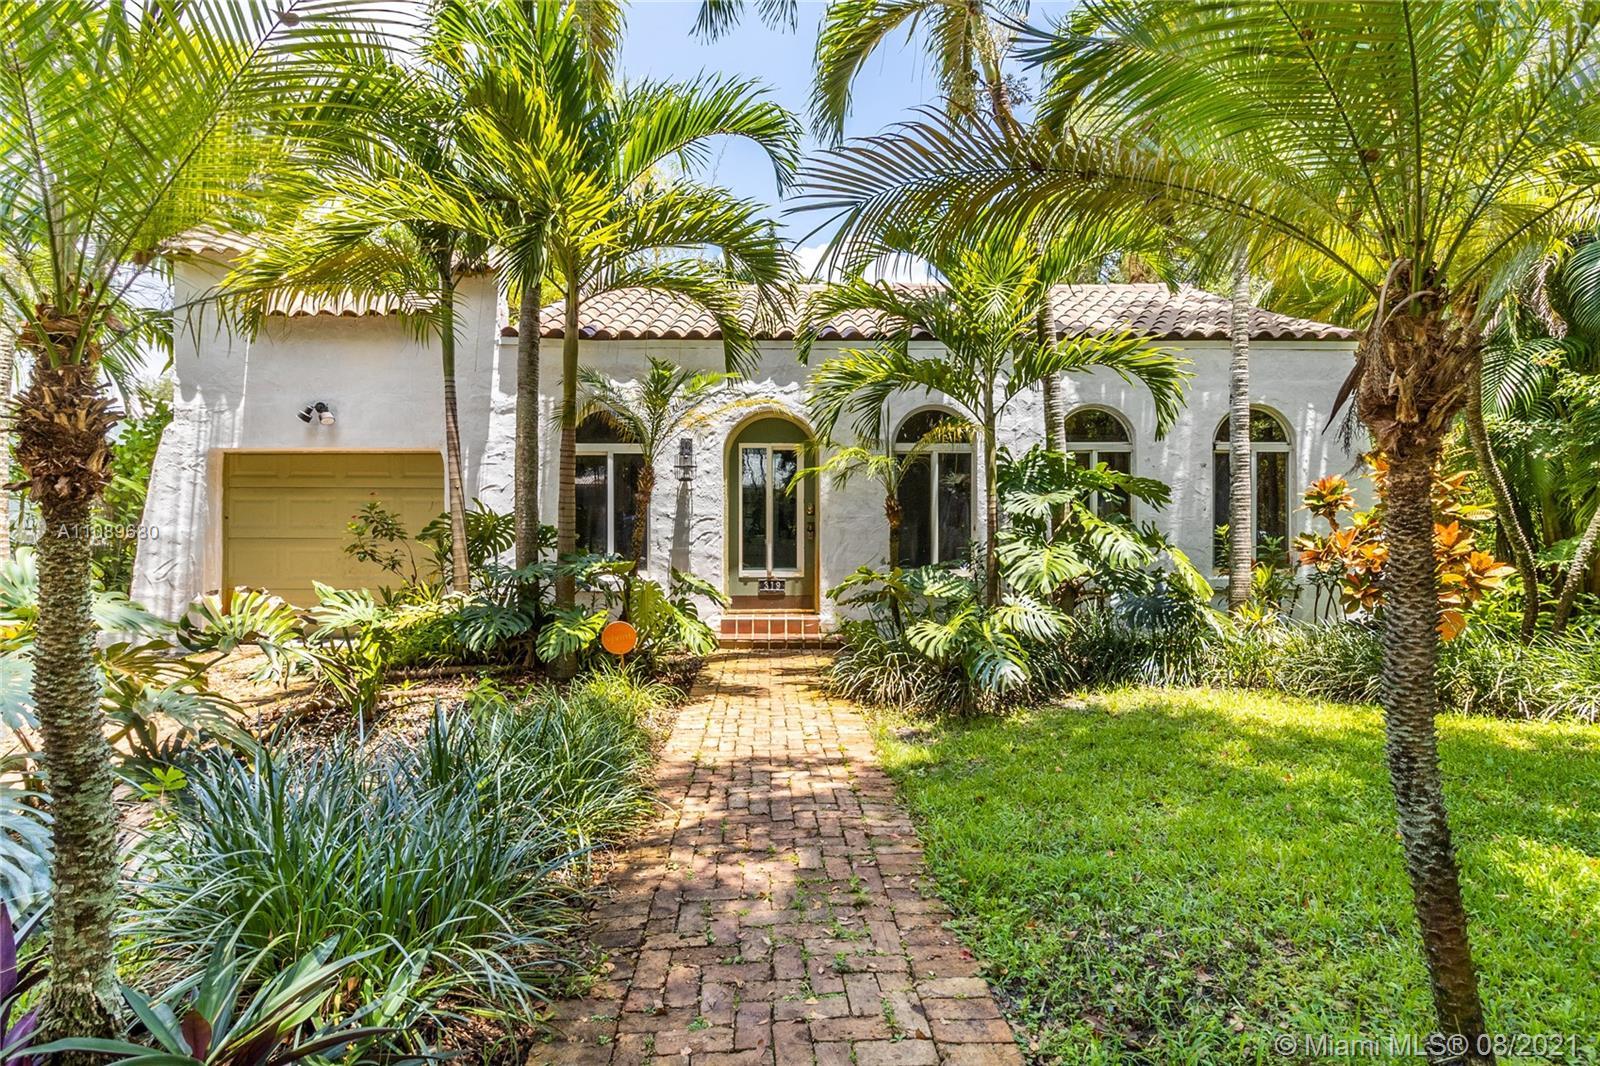 319 101st St, Miami Shores, Florida 33138